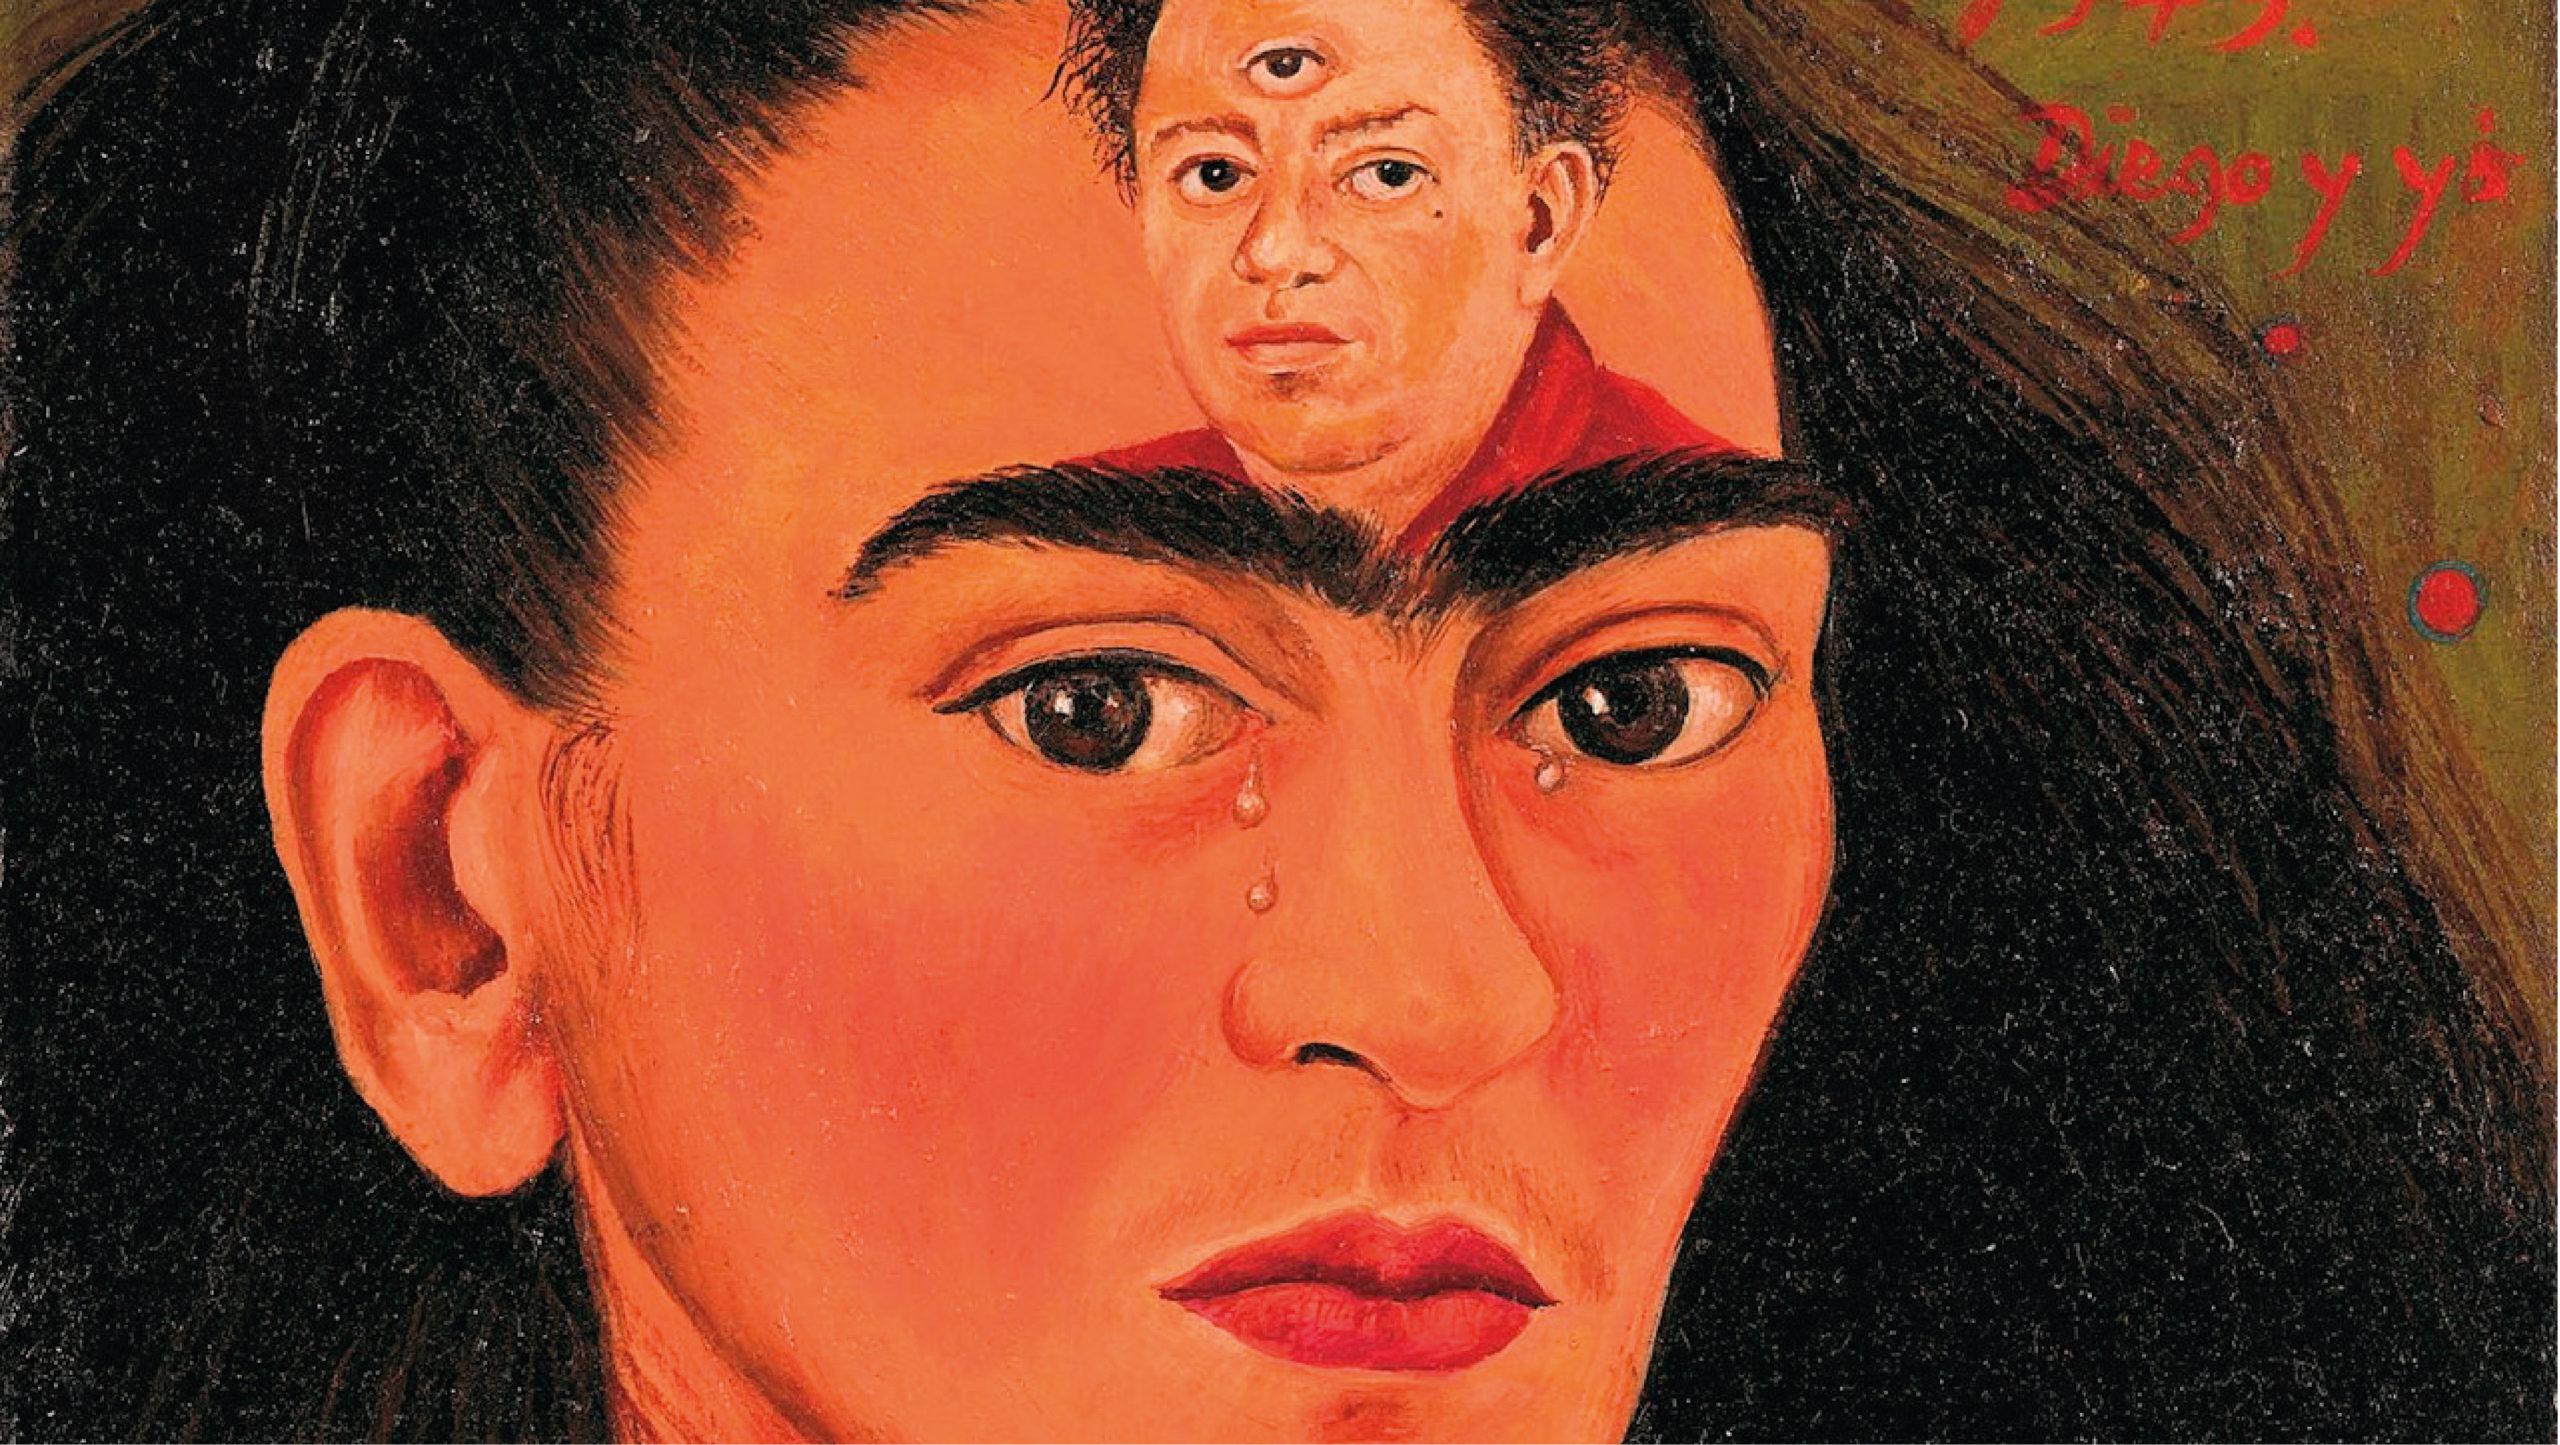 Subastan 'Diego y yo', un autorretrato de Frida Kahlo ahora valuado en 30 mdd